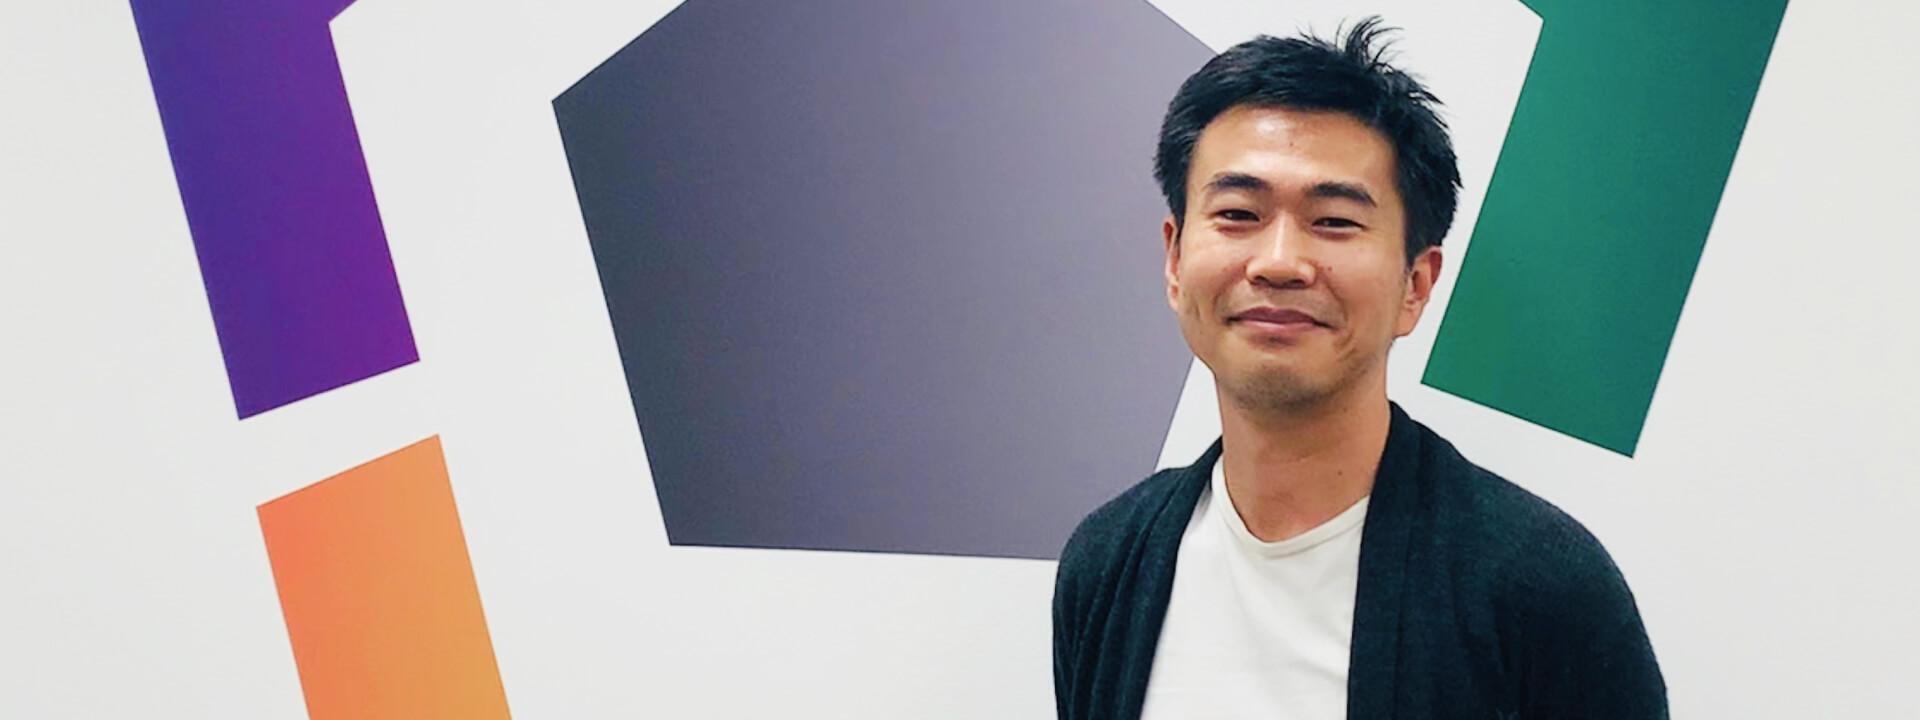 株式会社プリンシプル 代表取締役 楠山 健一郎